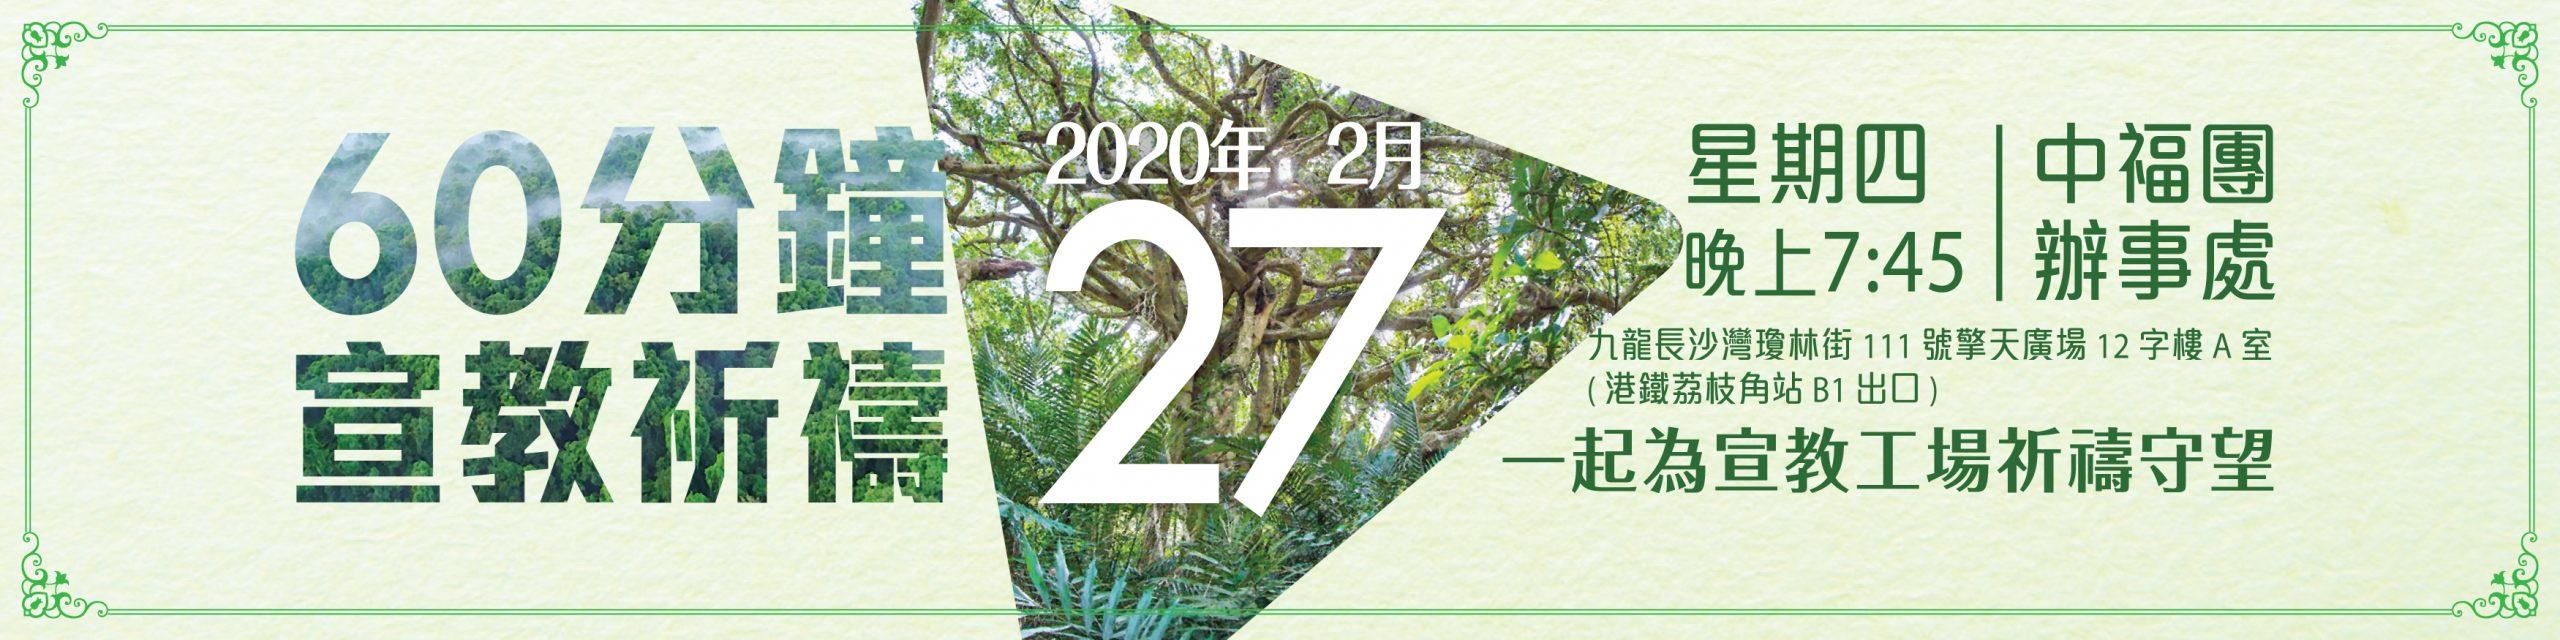 2020祈禱會-02-scaled